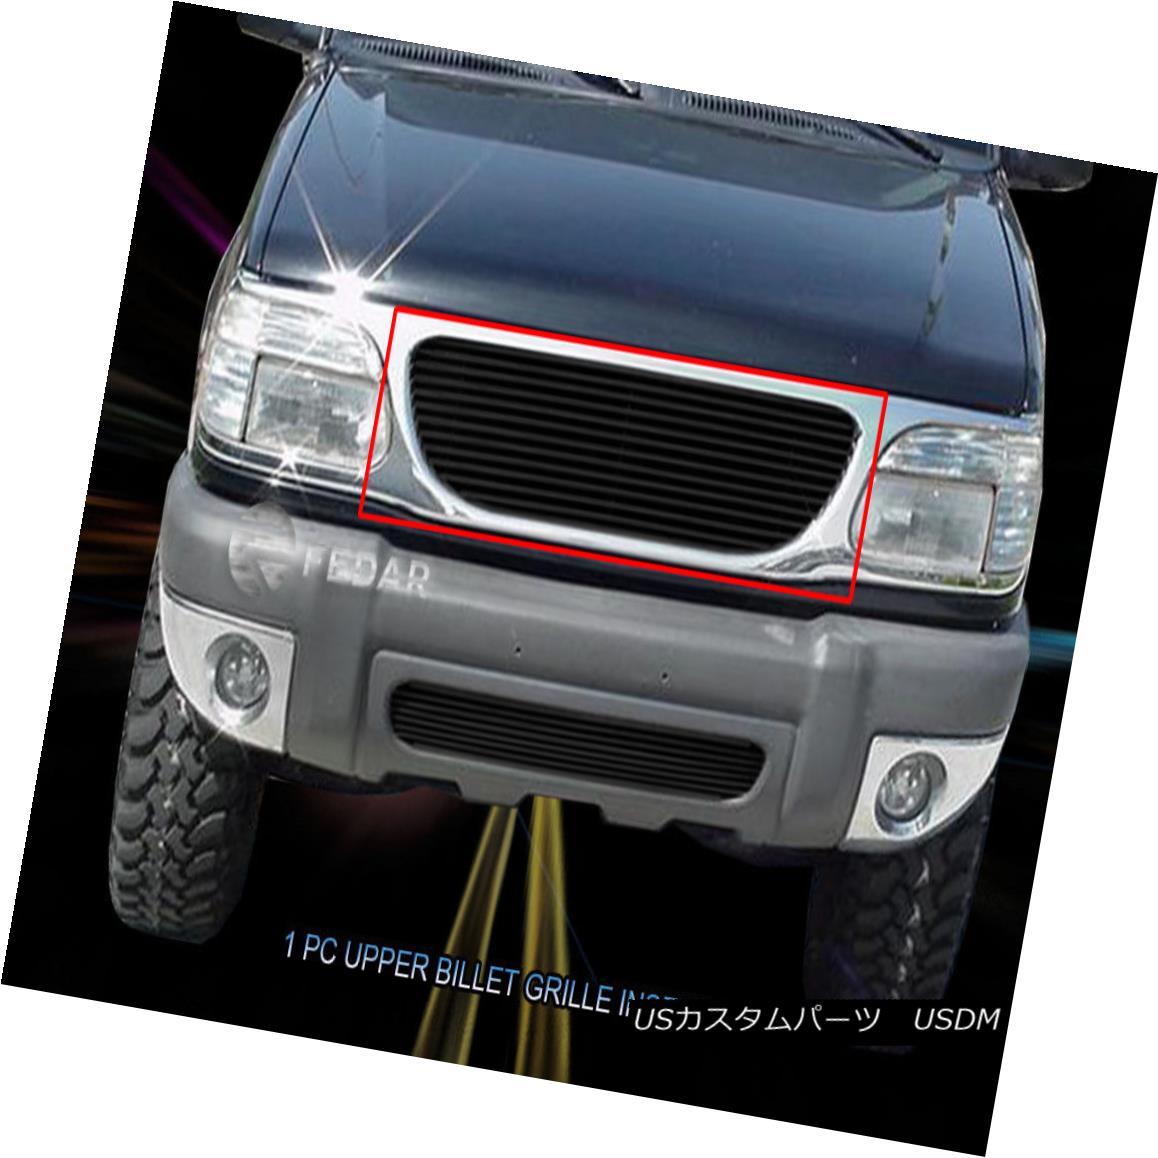 グリル 95-01 Ford Explorer Black Billet Grille Grill Insert Fedar 95-01フォードエクスプローラーブラックビレットグリルグリルインサートフェルダー